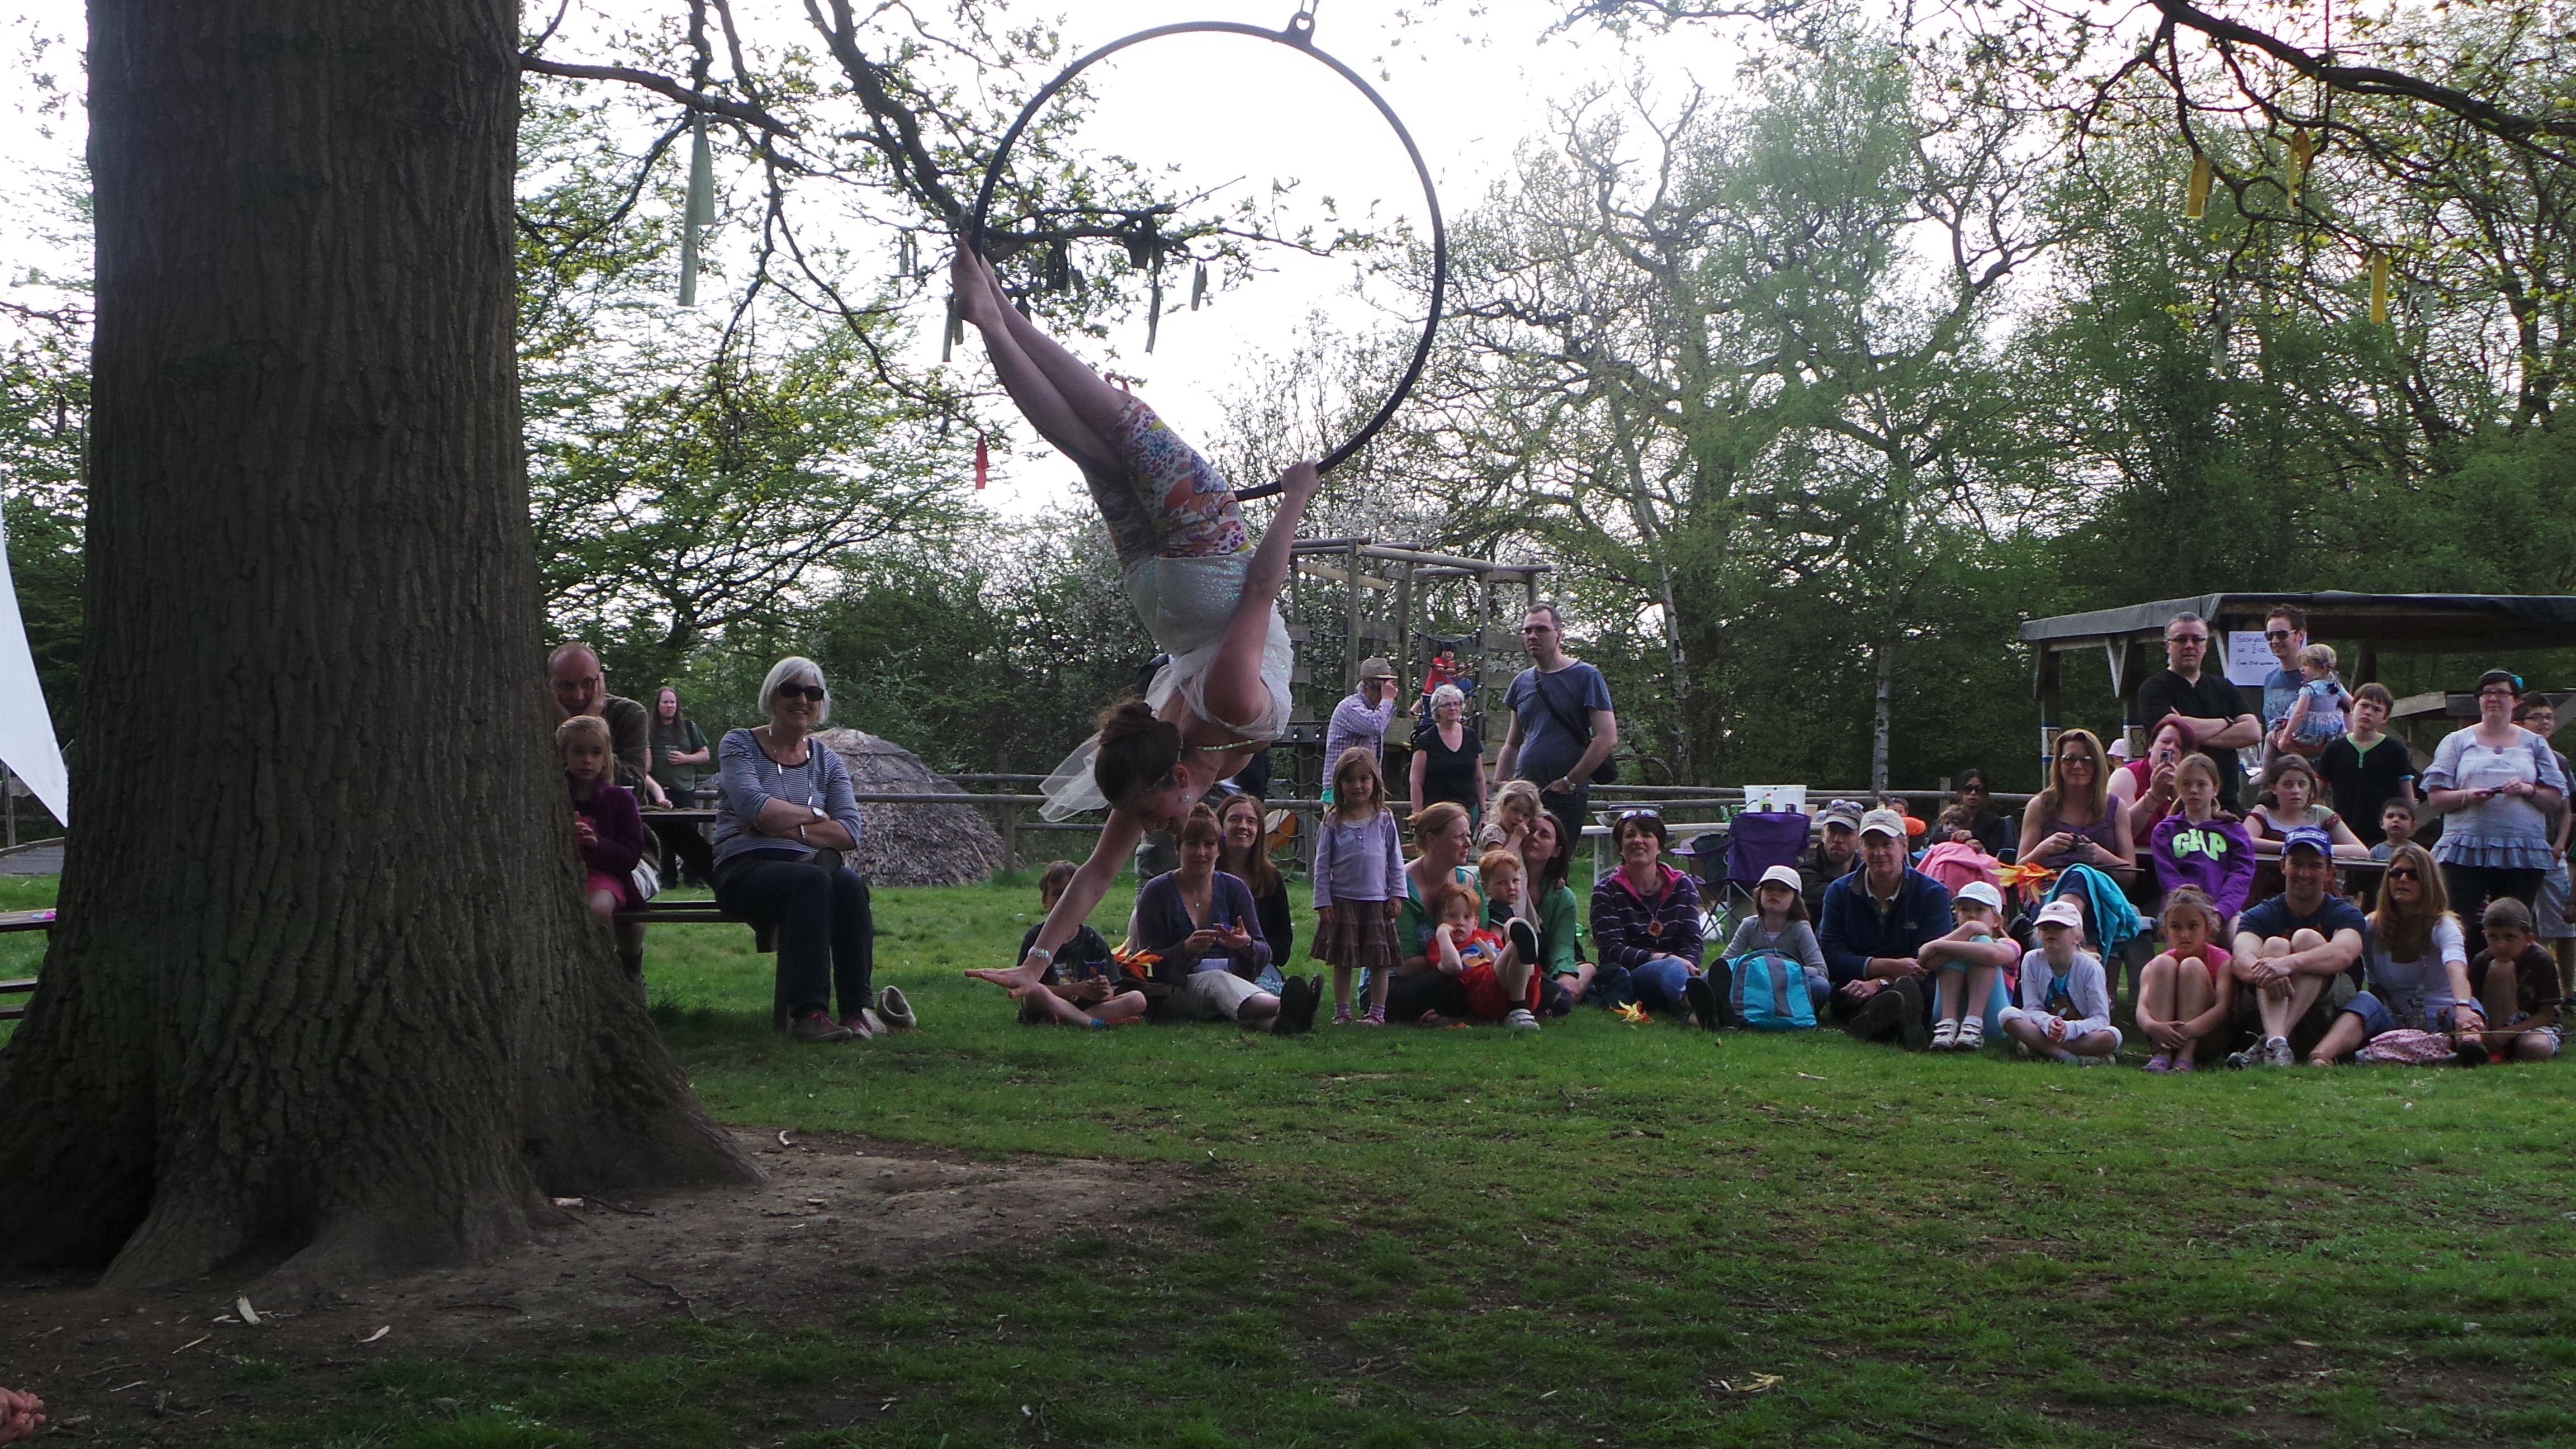 Review of Celtic Harmony Beltane Festival